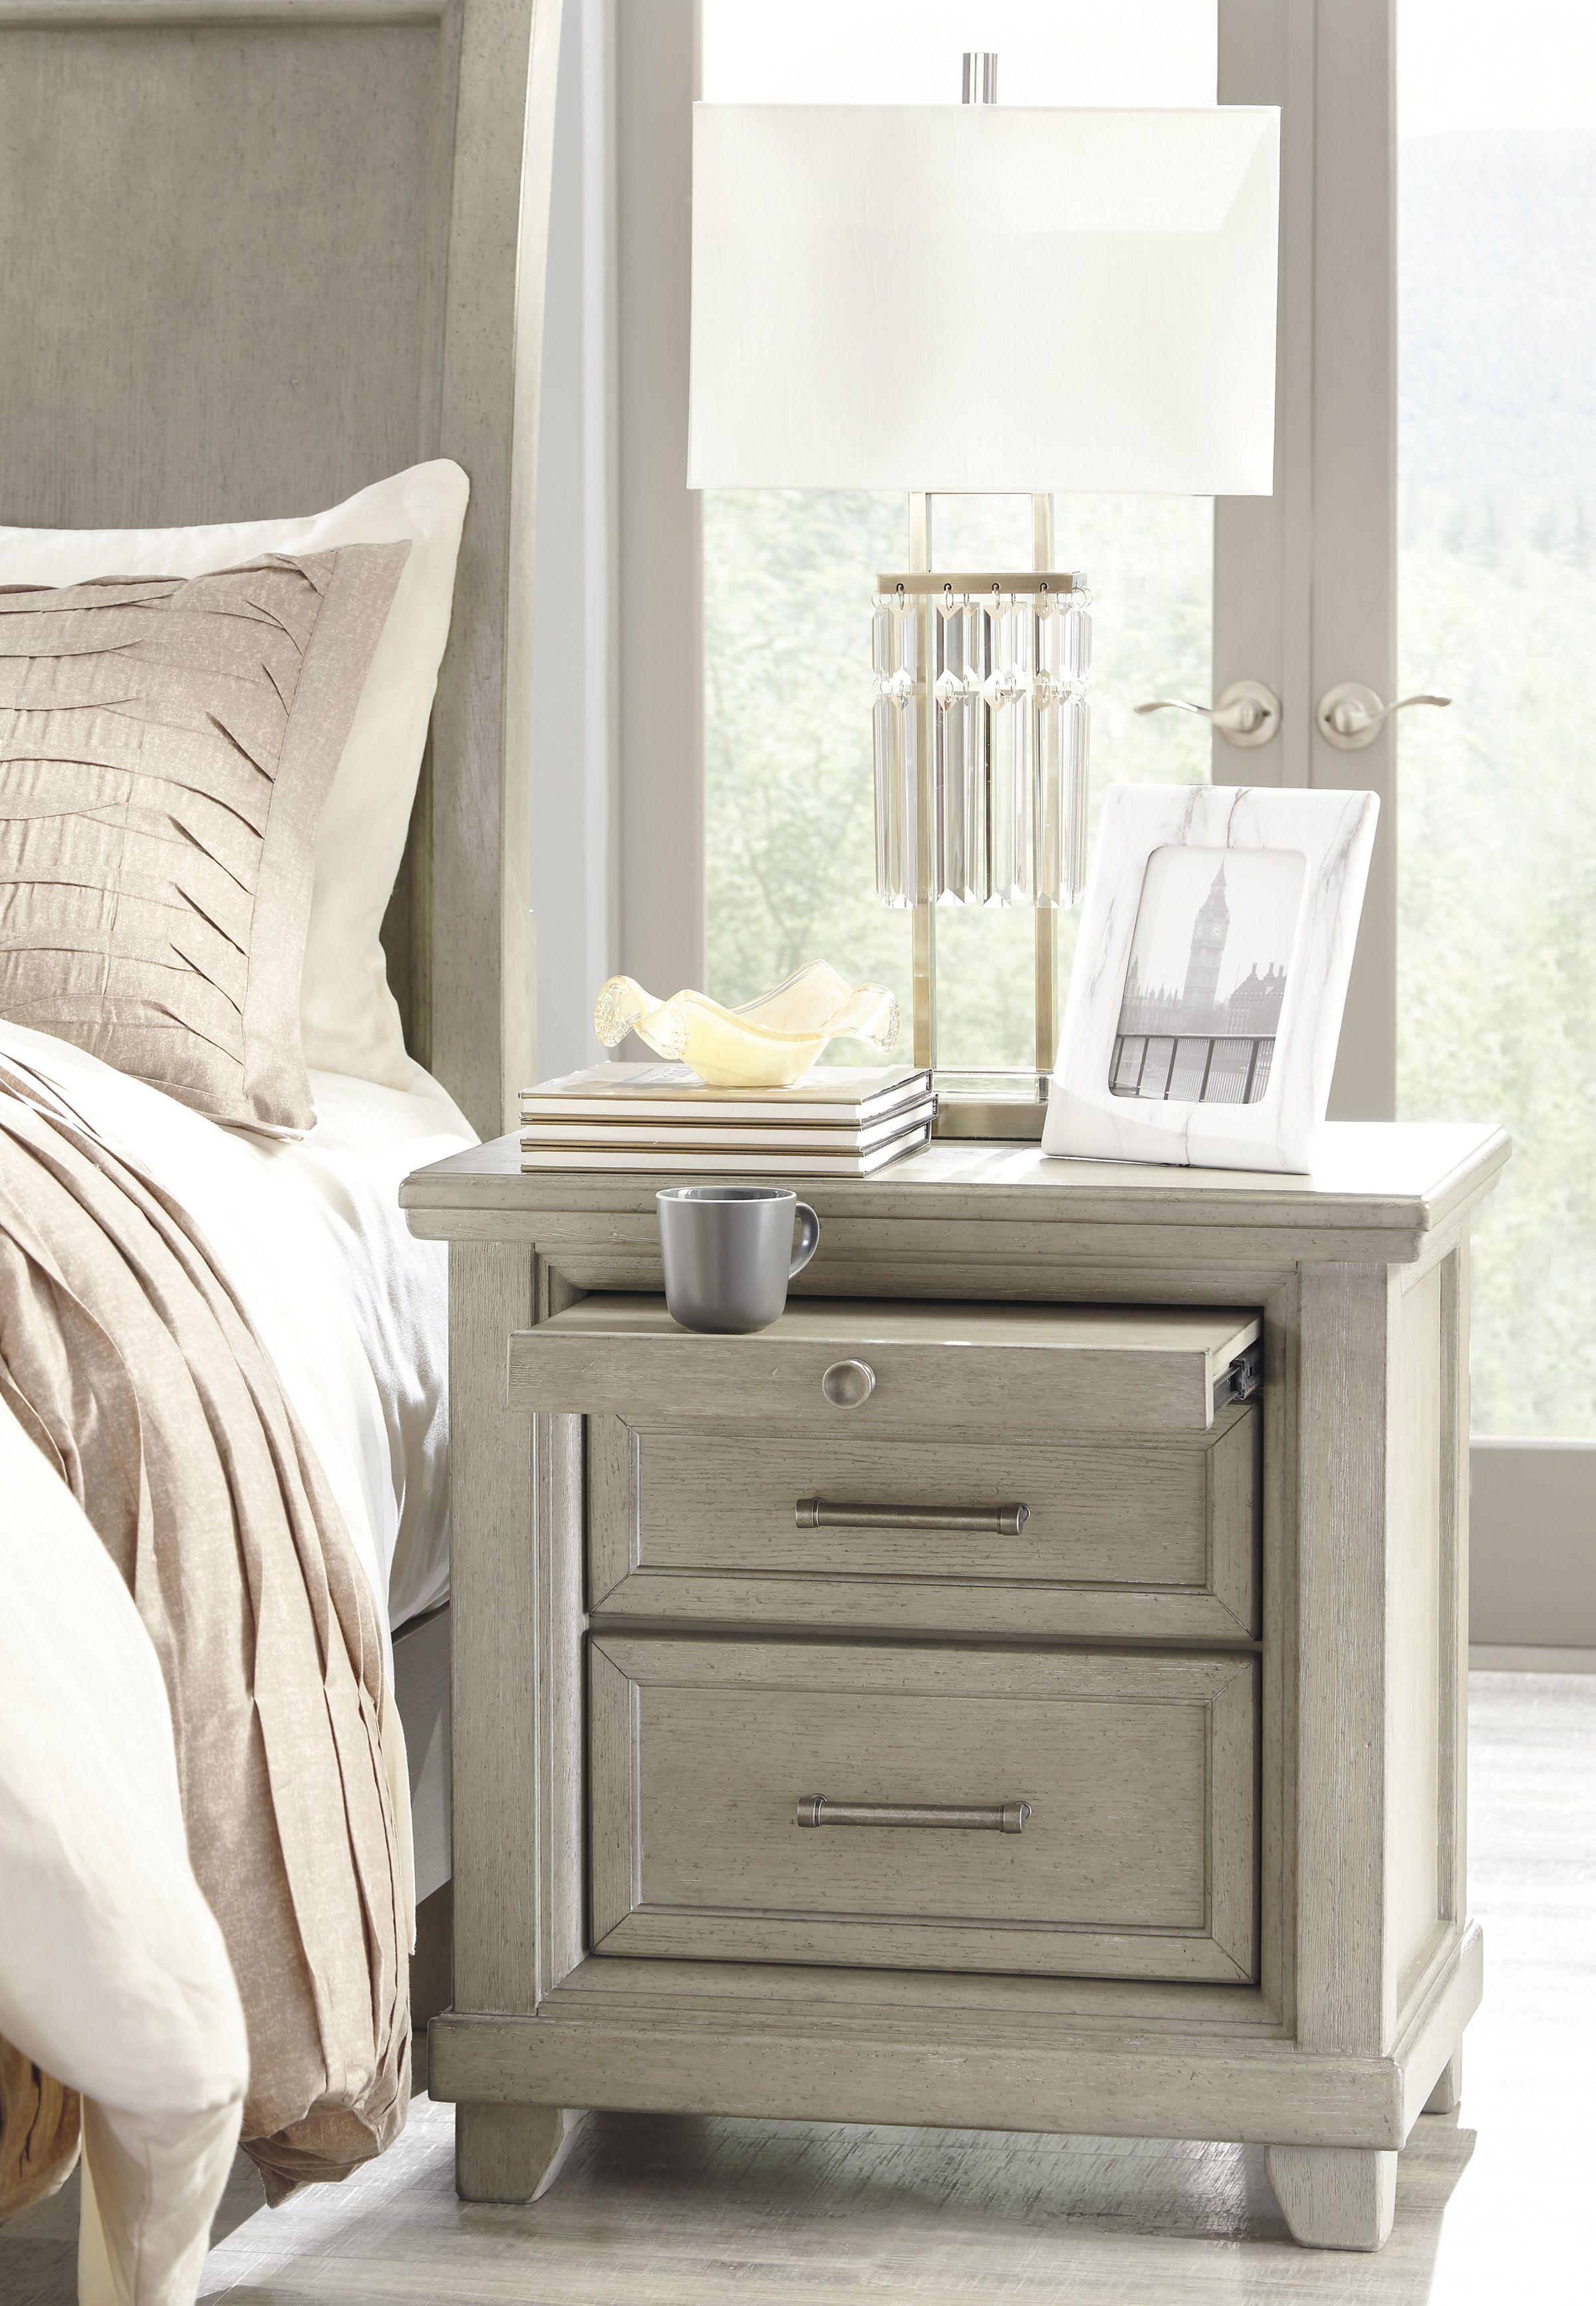 Liberty Bayside Bedroom White Panel Bedroom Set: Chapstone Two Drawer Nightstand